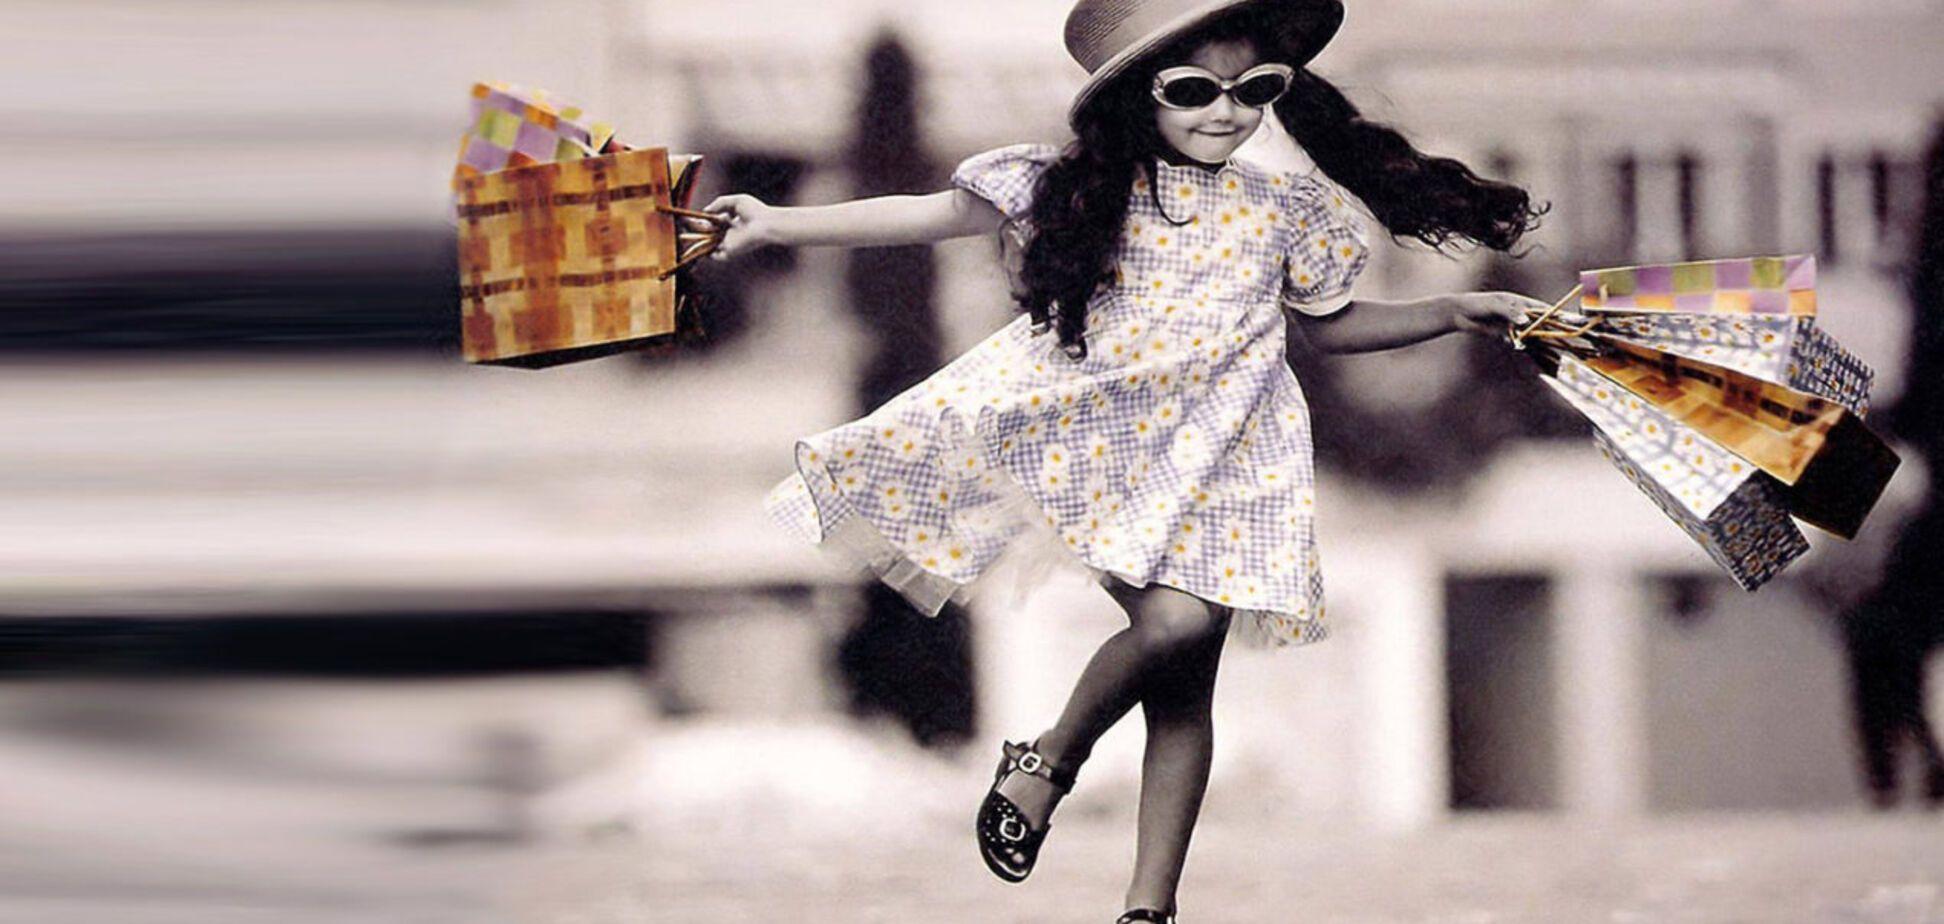 шопинг девочка магазин. Источник: Google Images